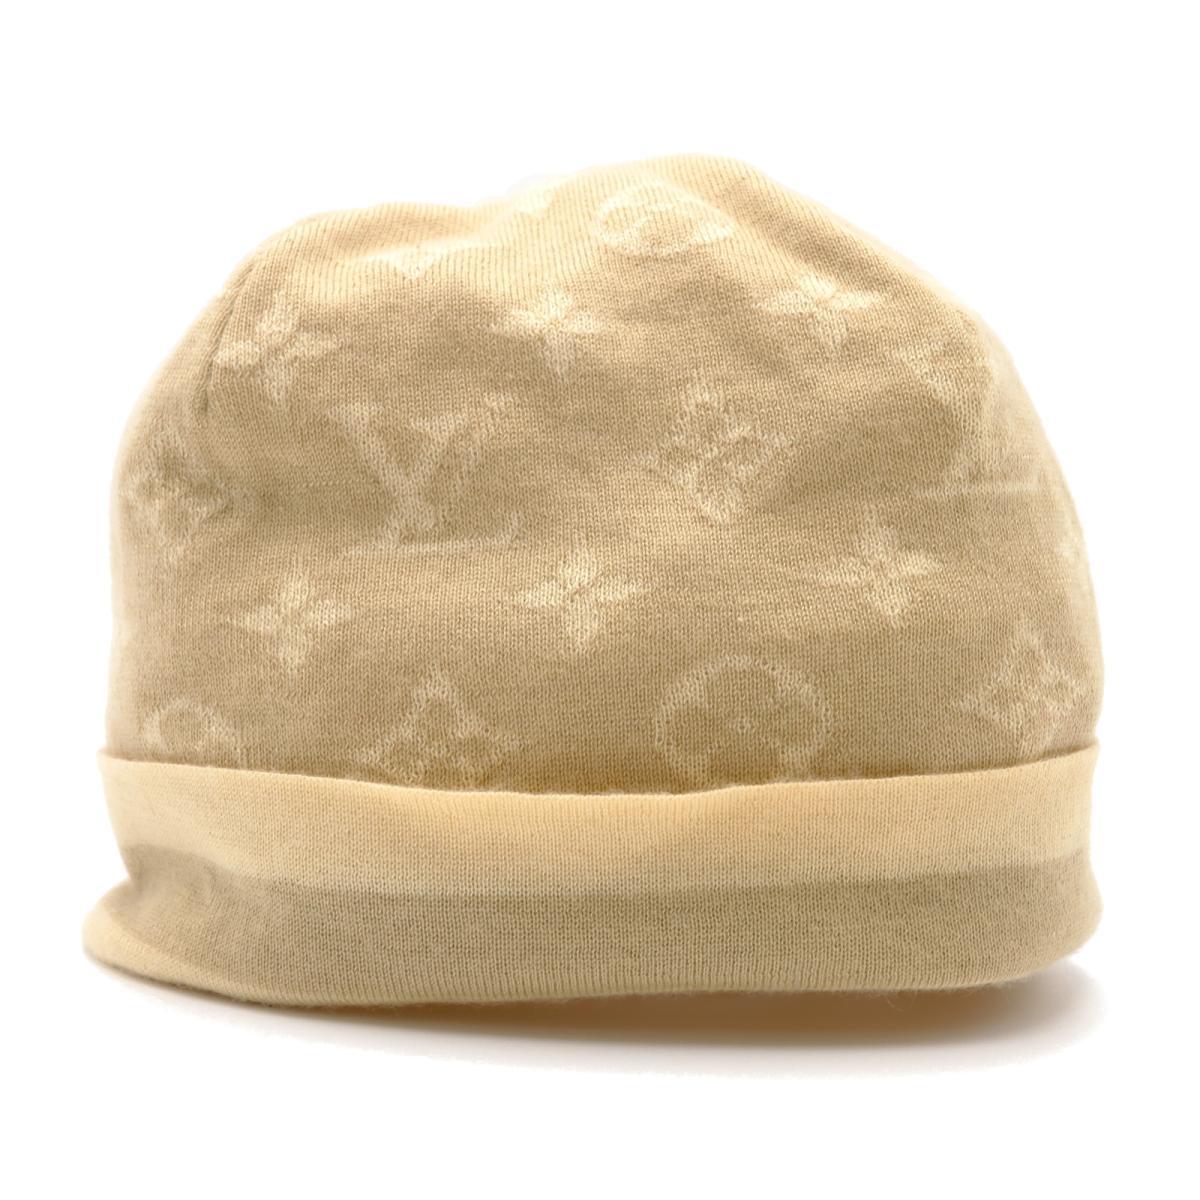 [ルイ・ヴィトン][ニットキャップ][ランクB][ブランドオフ] ルイ・ヴィトン LOUIS VUITTON ニットキャップ 帽子 ニットキャップ 帽子 シルク カシミヤ x シルク レディース ベージュ系 ブラウン x ベージュ 【中古】